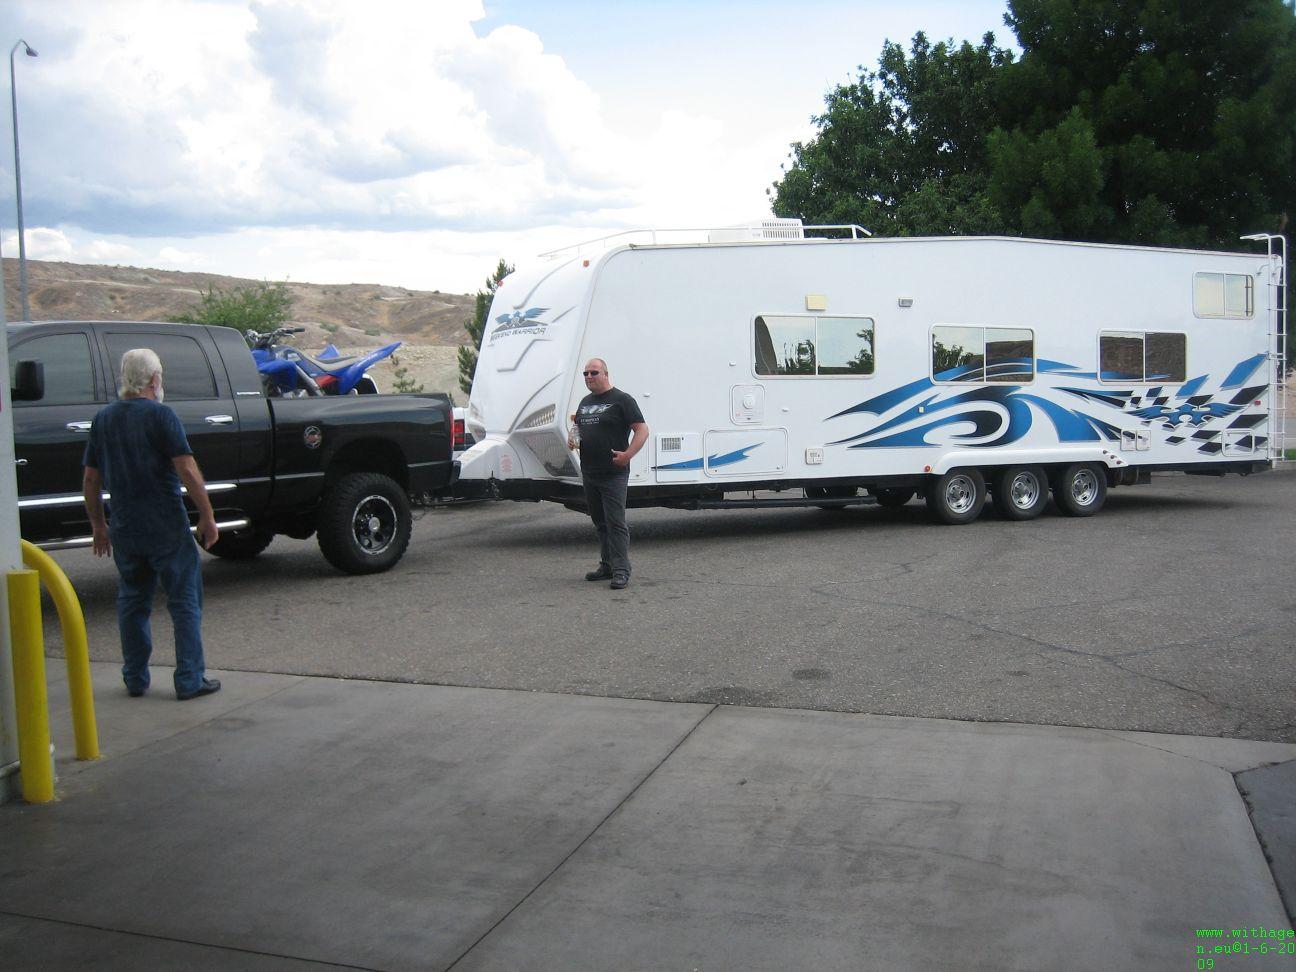 Onderweg naar Hurricane, Er zat in de caravan nog een veel beestachtigere quad.